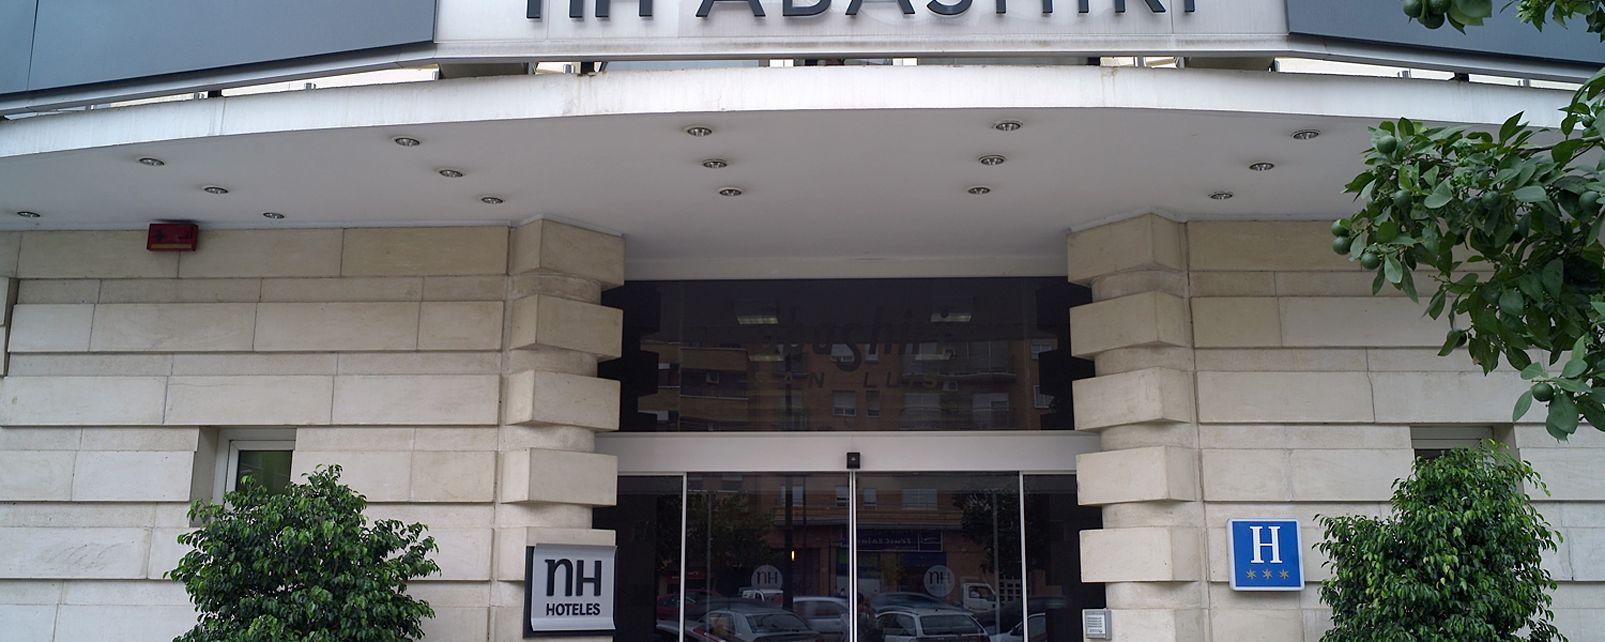 Hôtel SH Abashiri